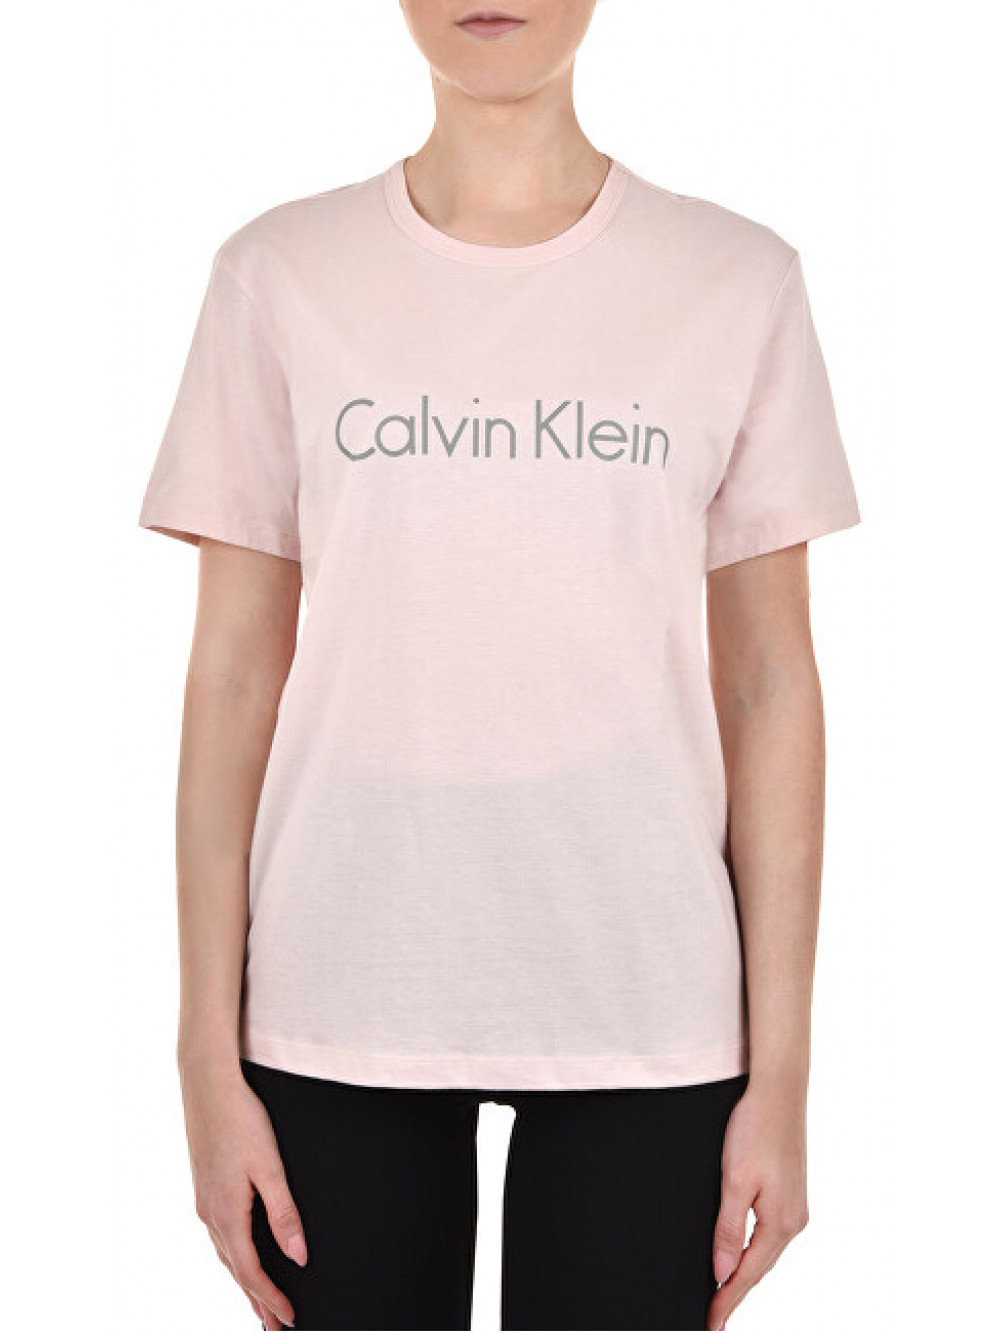 Dámské tričko Calvin Klein S/S Crew Neck světle růžové